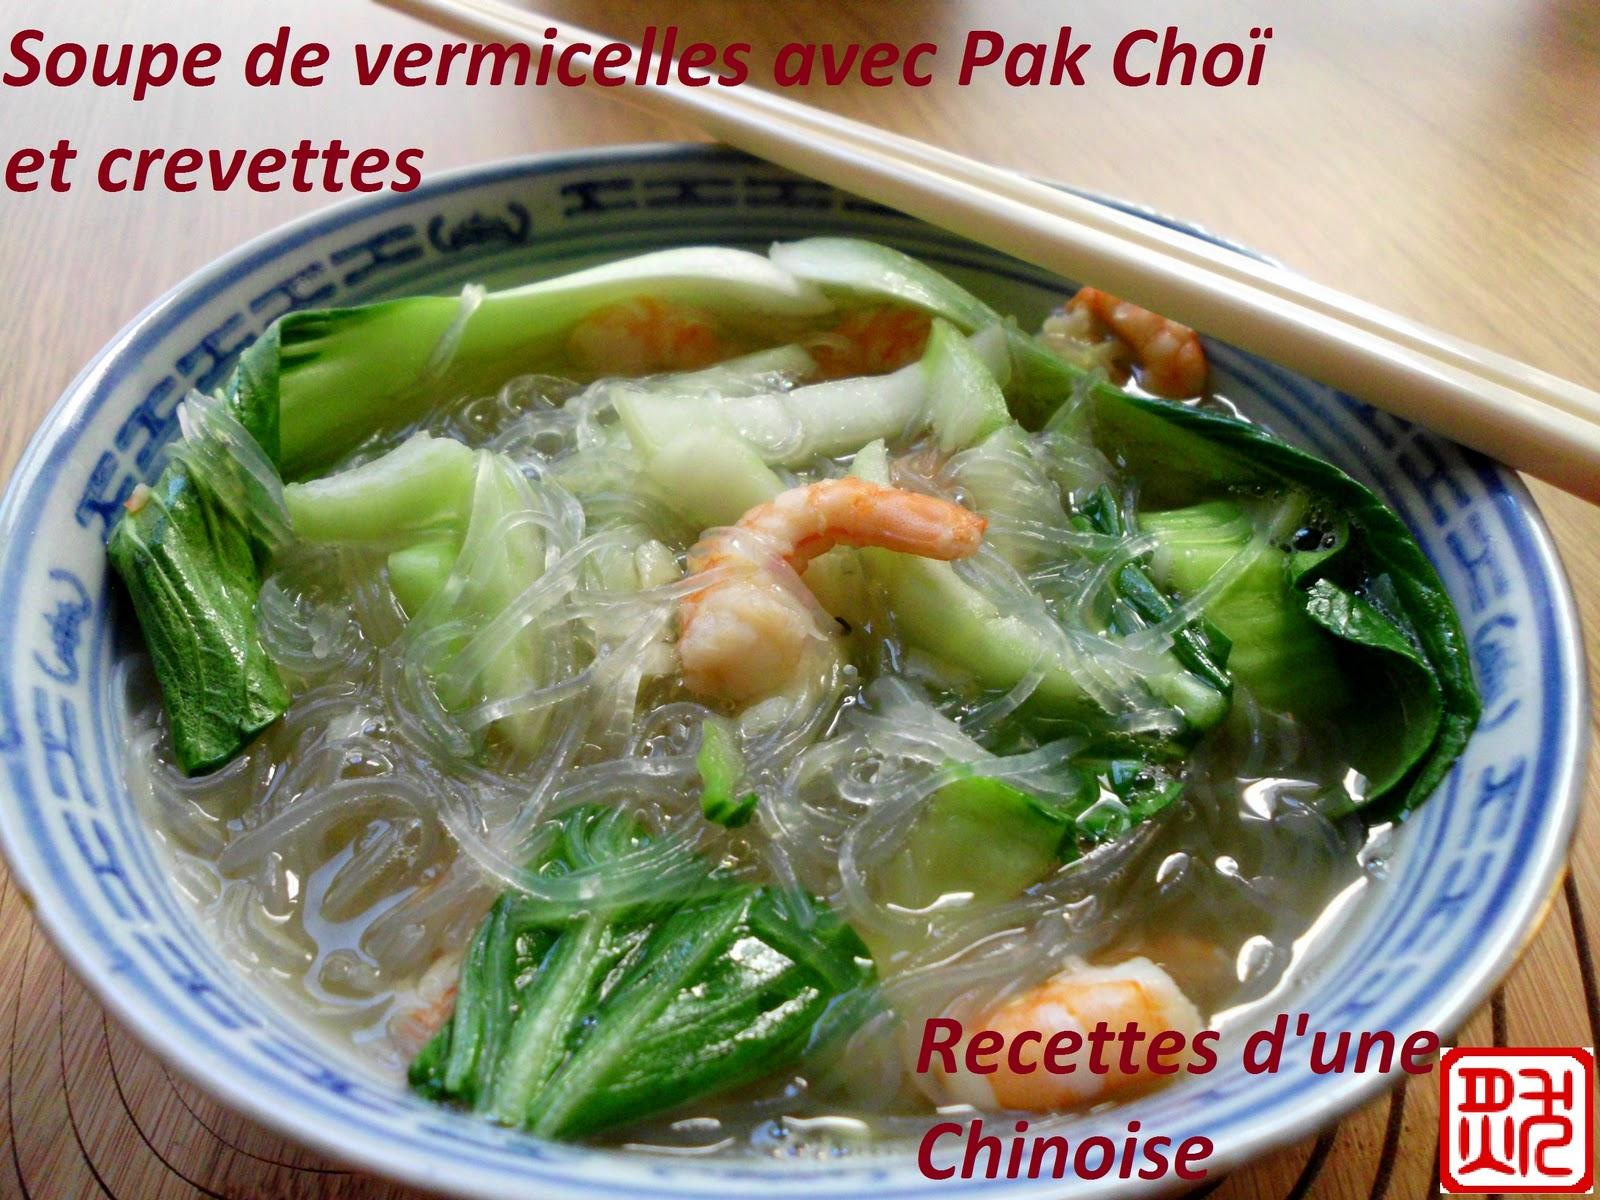 recettes d 39 une chinoise soupe de vermicelles avec pak cho et crevettes. Black Bedroom Furniture Sets. Home Design Ideas